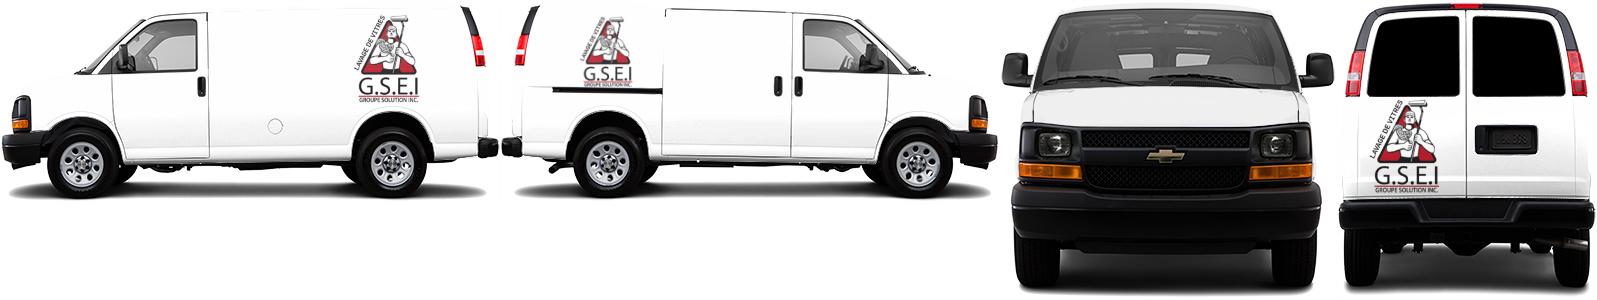 Cargo Van Wrap #46852